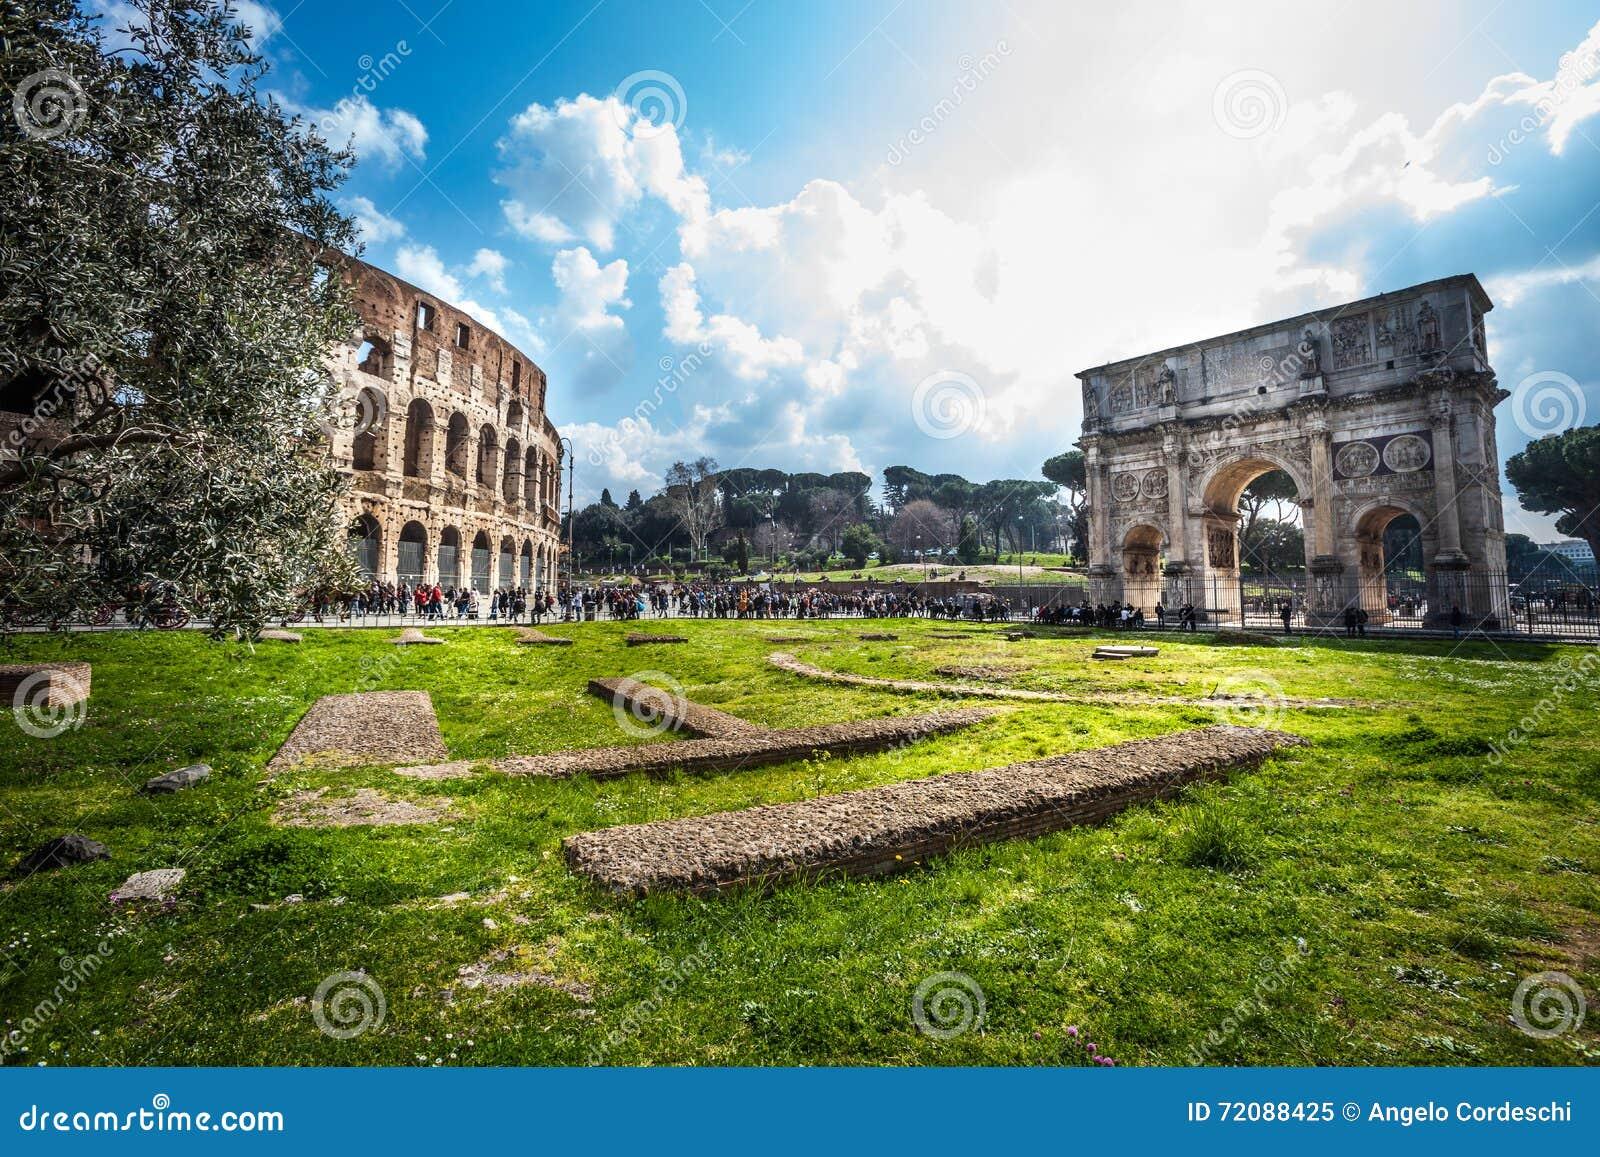 Belle vecchie finestre a roma italia colosseum e l 39 arco di constantine immagine editoriale - Finestre a roma ...